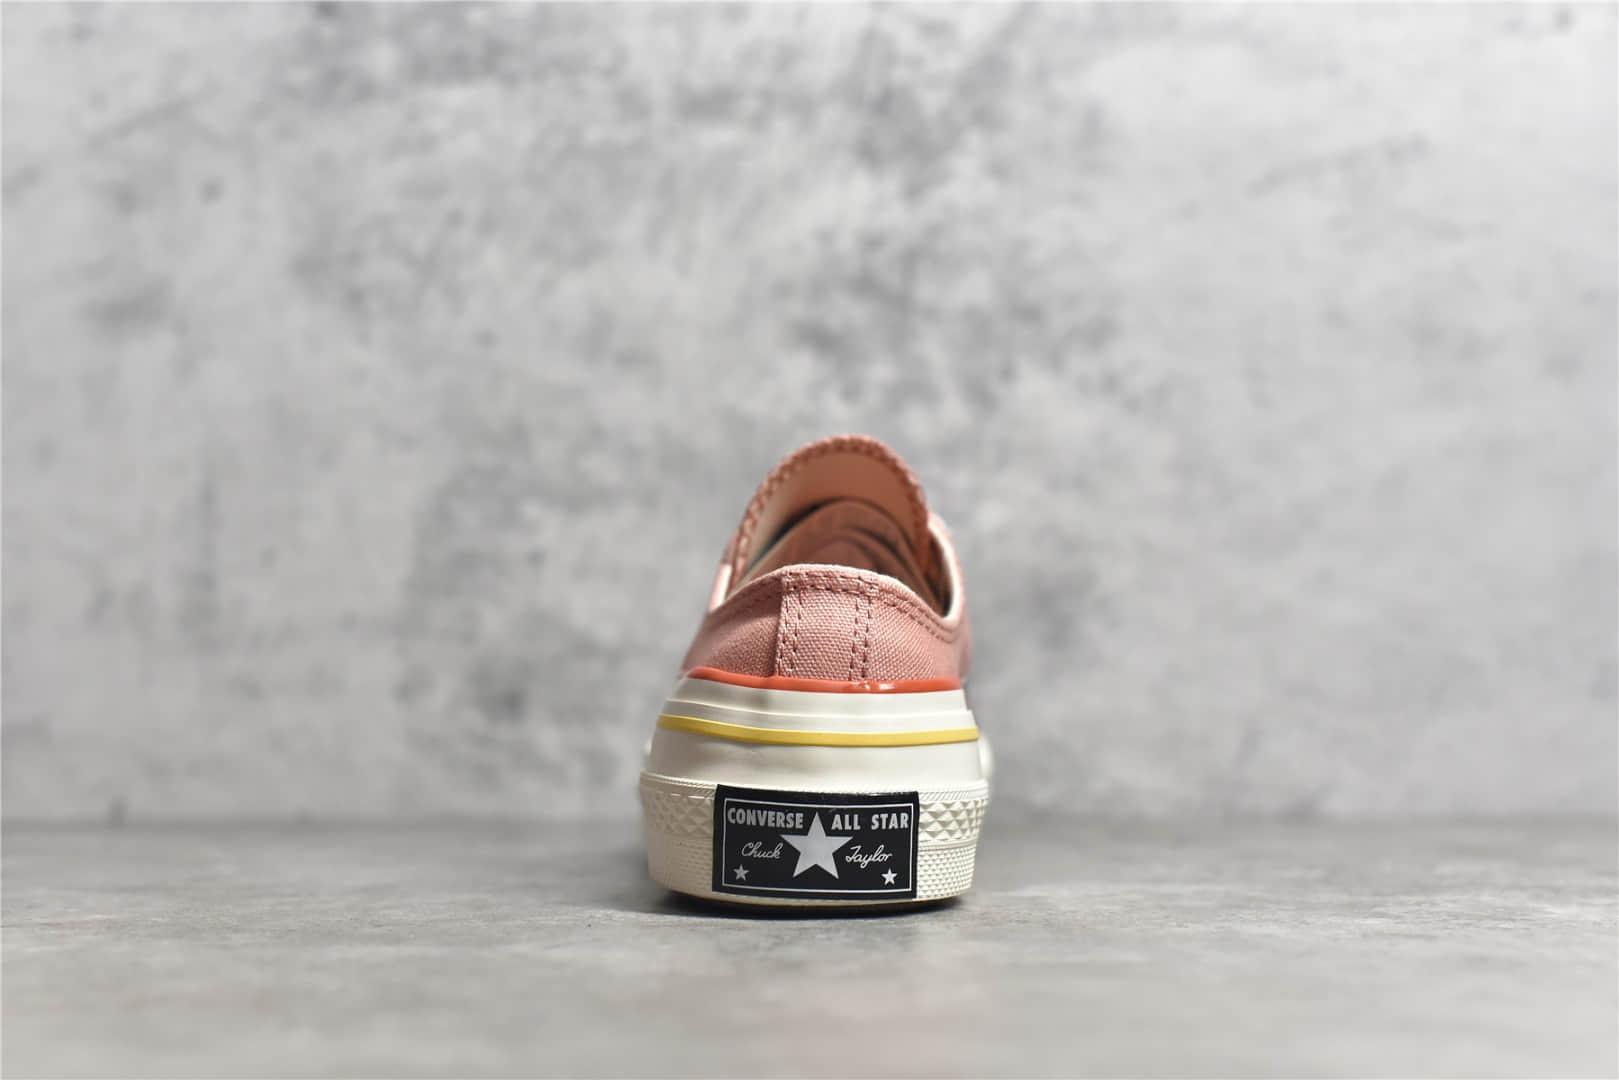 公司级版本匡威粉色拼接低帮帆布鞋 Converse 1970S 匡威鸳鸯板鞋 2021匡威春夏款 匡威解构鞋-潮流者之家